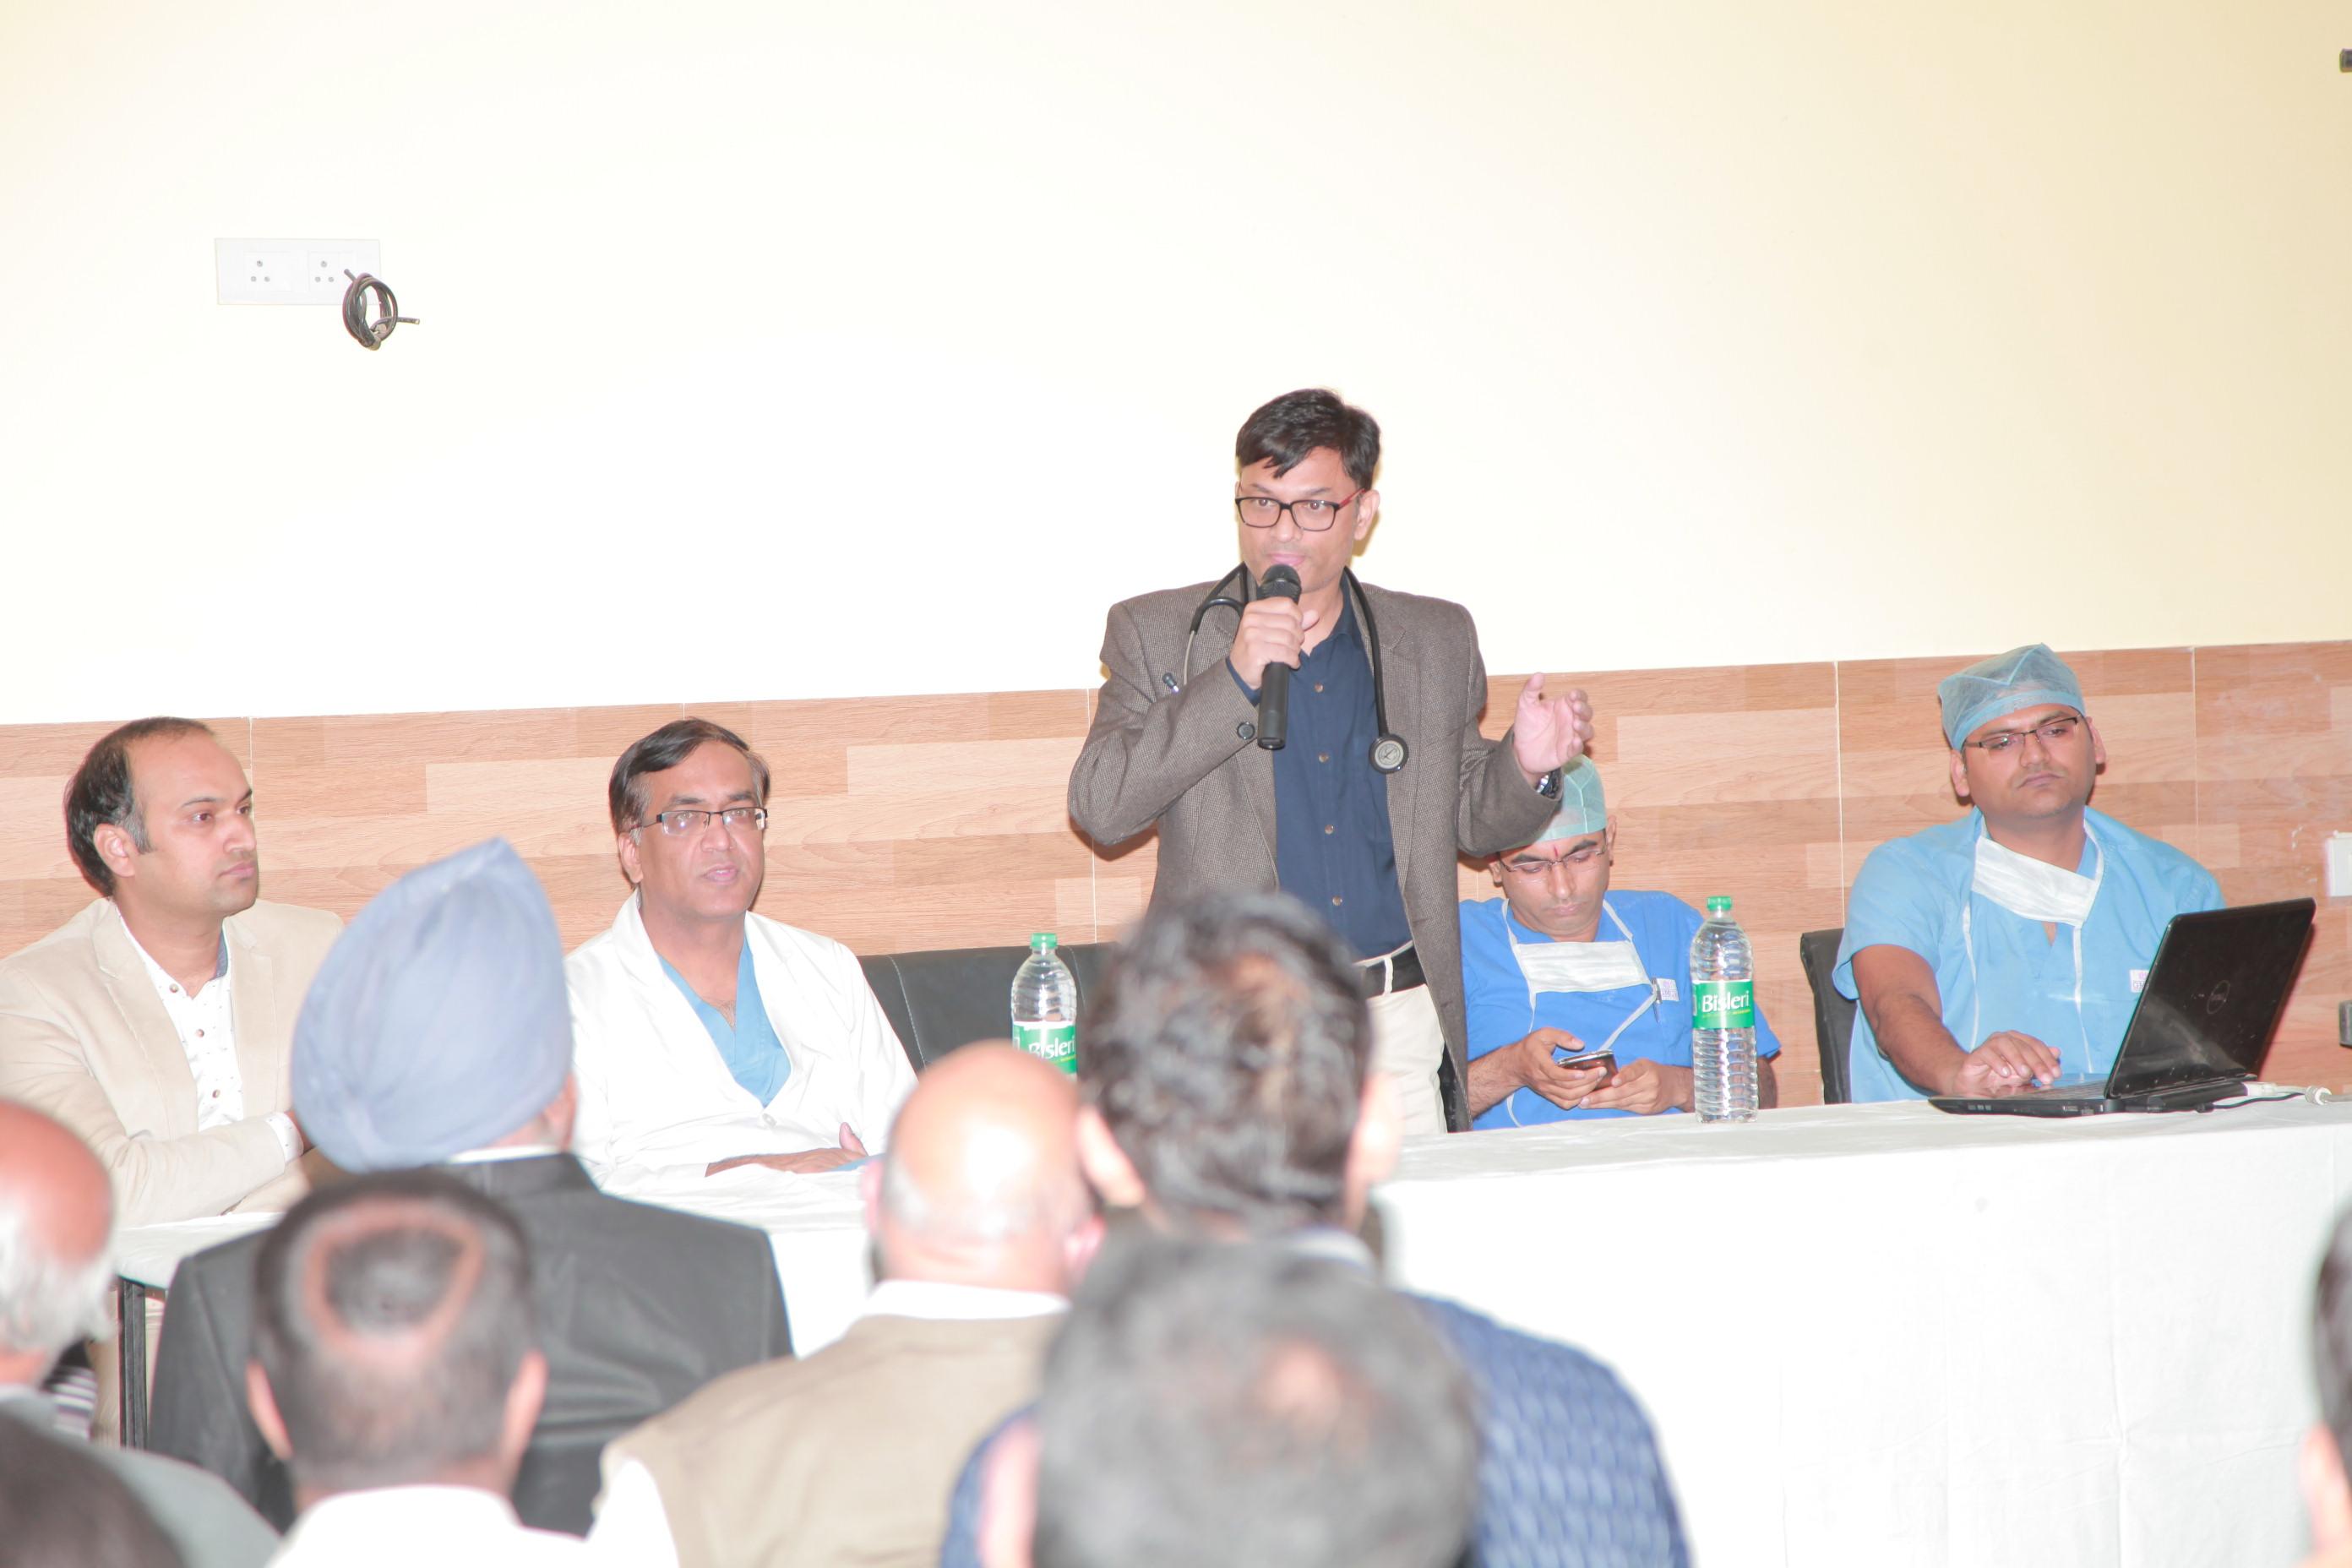 दक्षिणी राजस्थान में एओर्टिक एन्यूरिज्म का सर्वप्रथम सफल उपचार